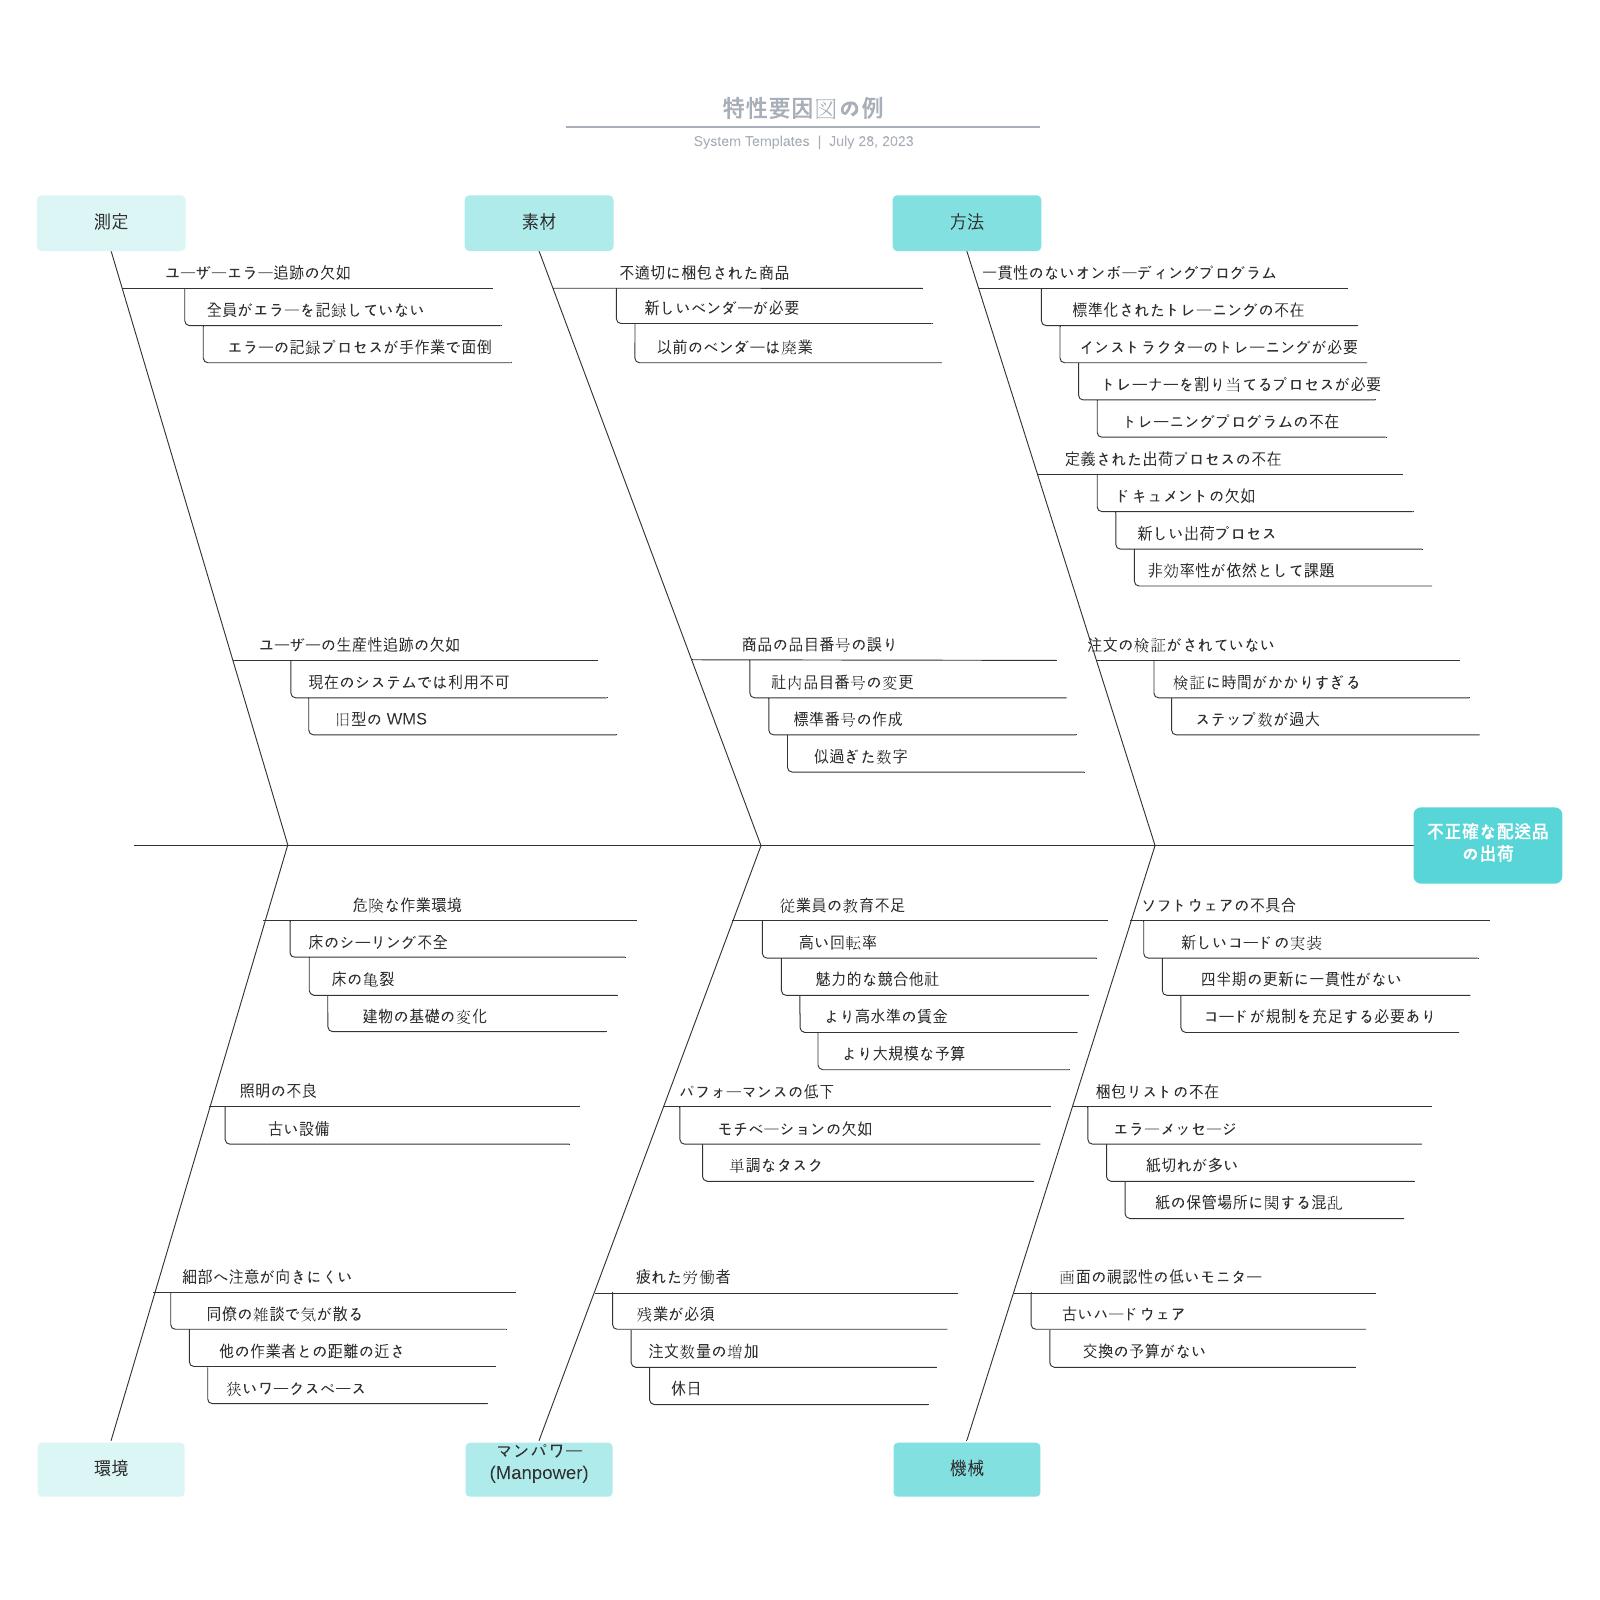 特性要因図(石川図)に活用できる便利なテンプレート